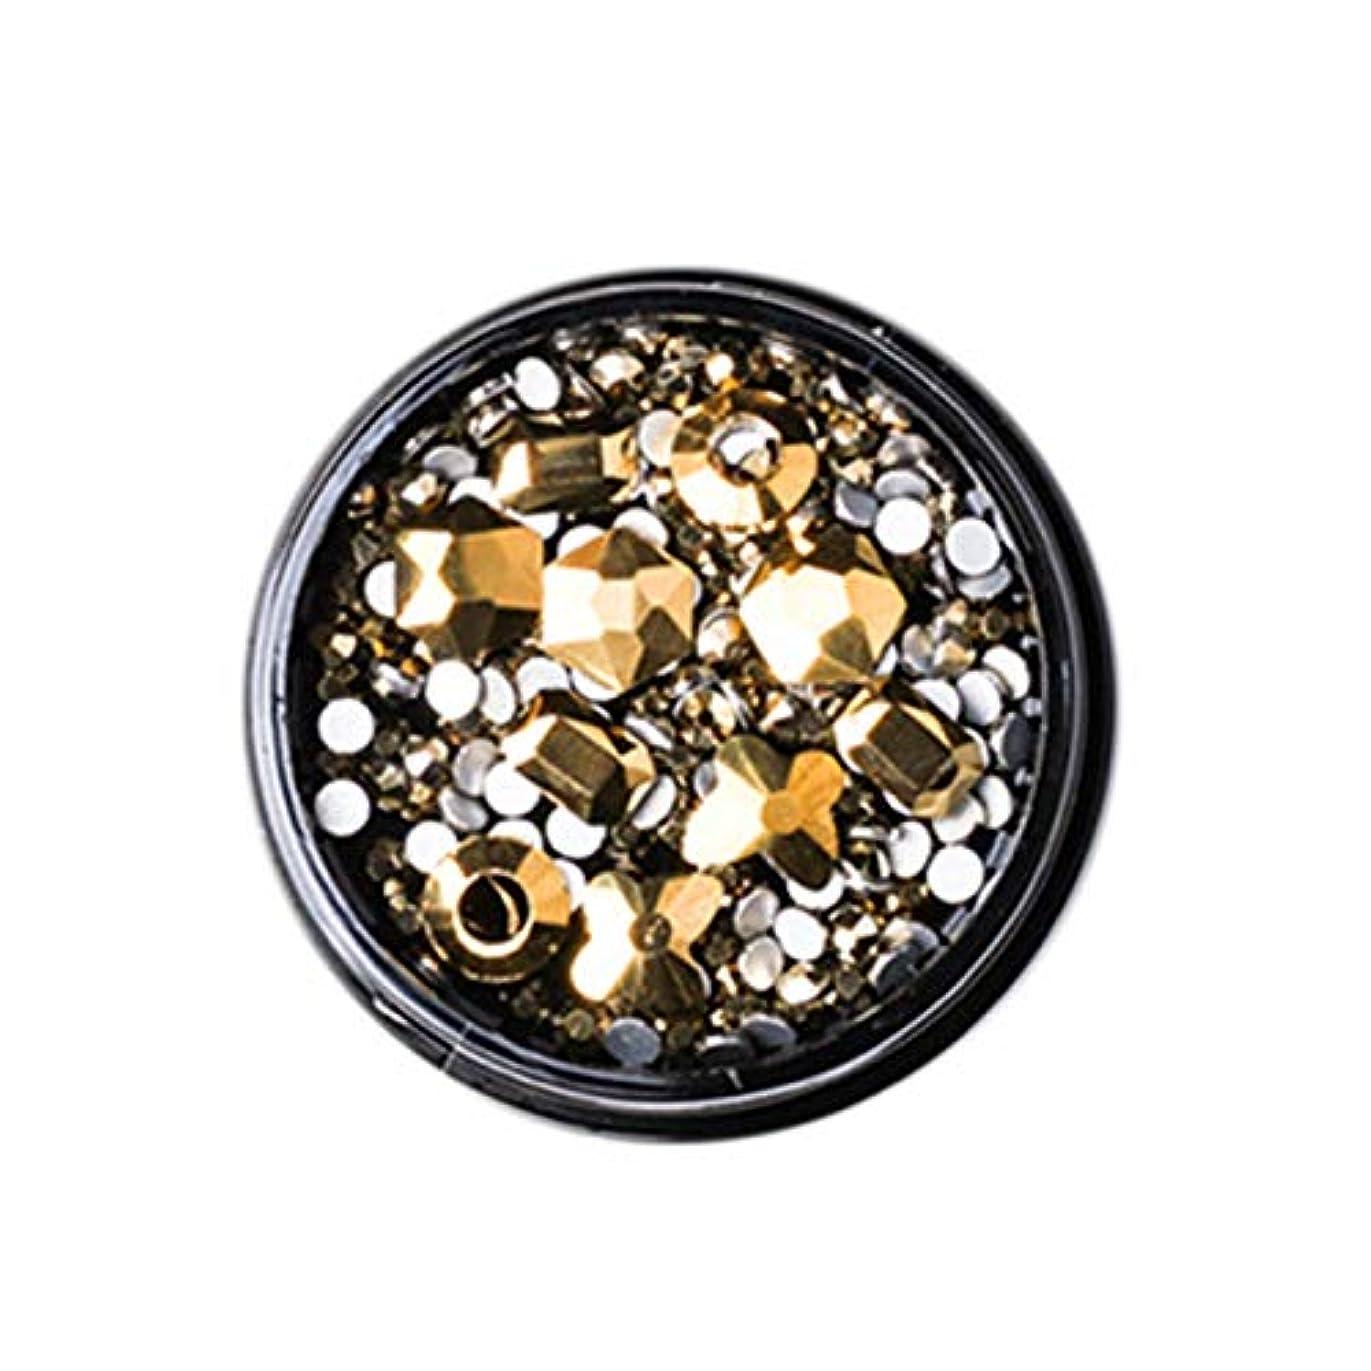 バスルームセント土Gaoominy 1ボックス混合3dラインストーンネイルアートの装飾クリスタル宝石ジュエリーゴールド光沢のある石チャームガラスマニキュアアクセサリー、ゴールド